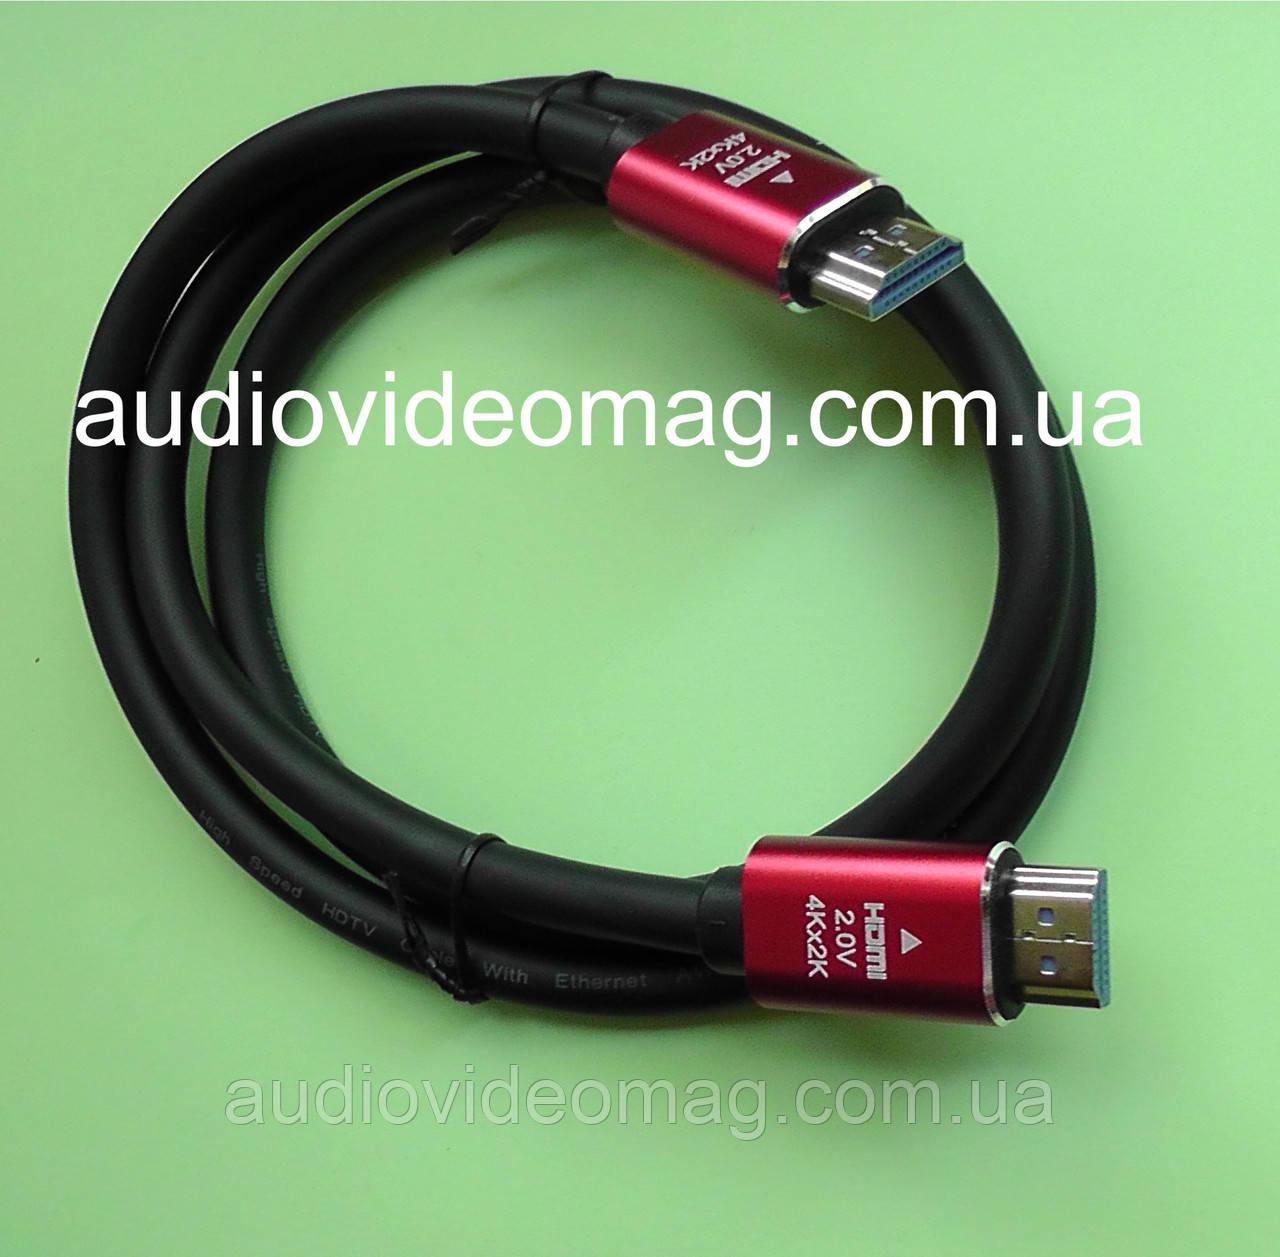 Кабель HDMI-HDMI версия 2.0 поддержка UHD 4K, длина 1 метр